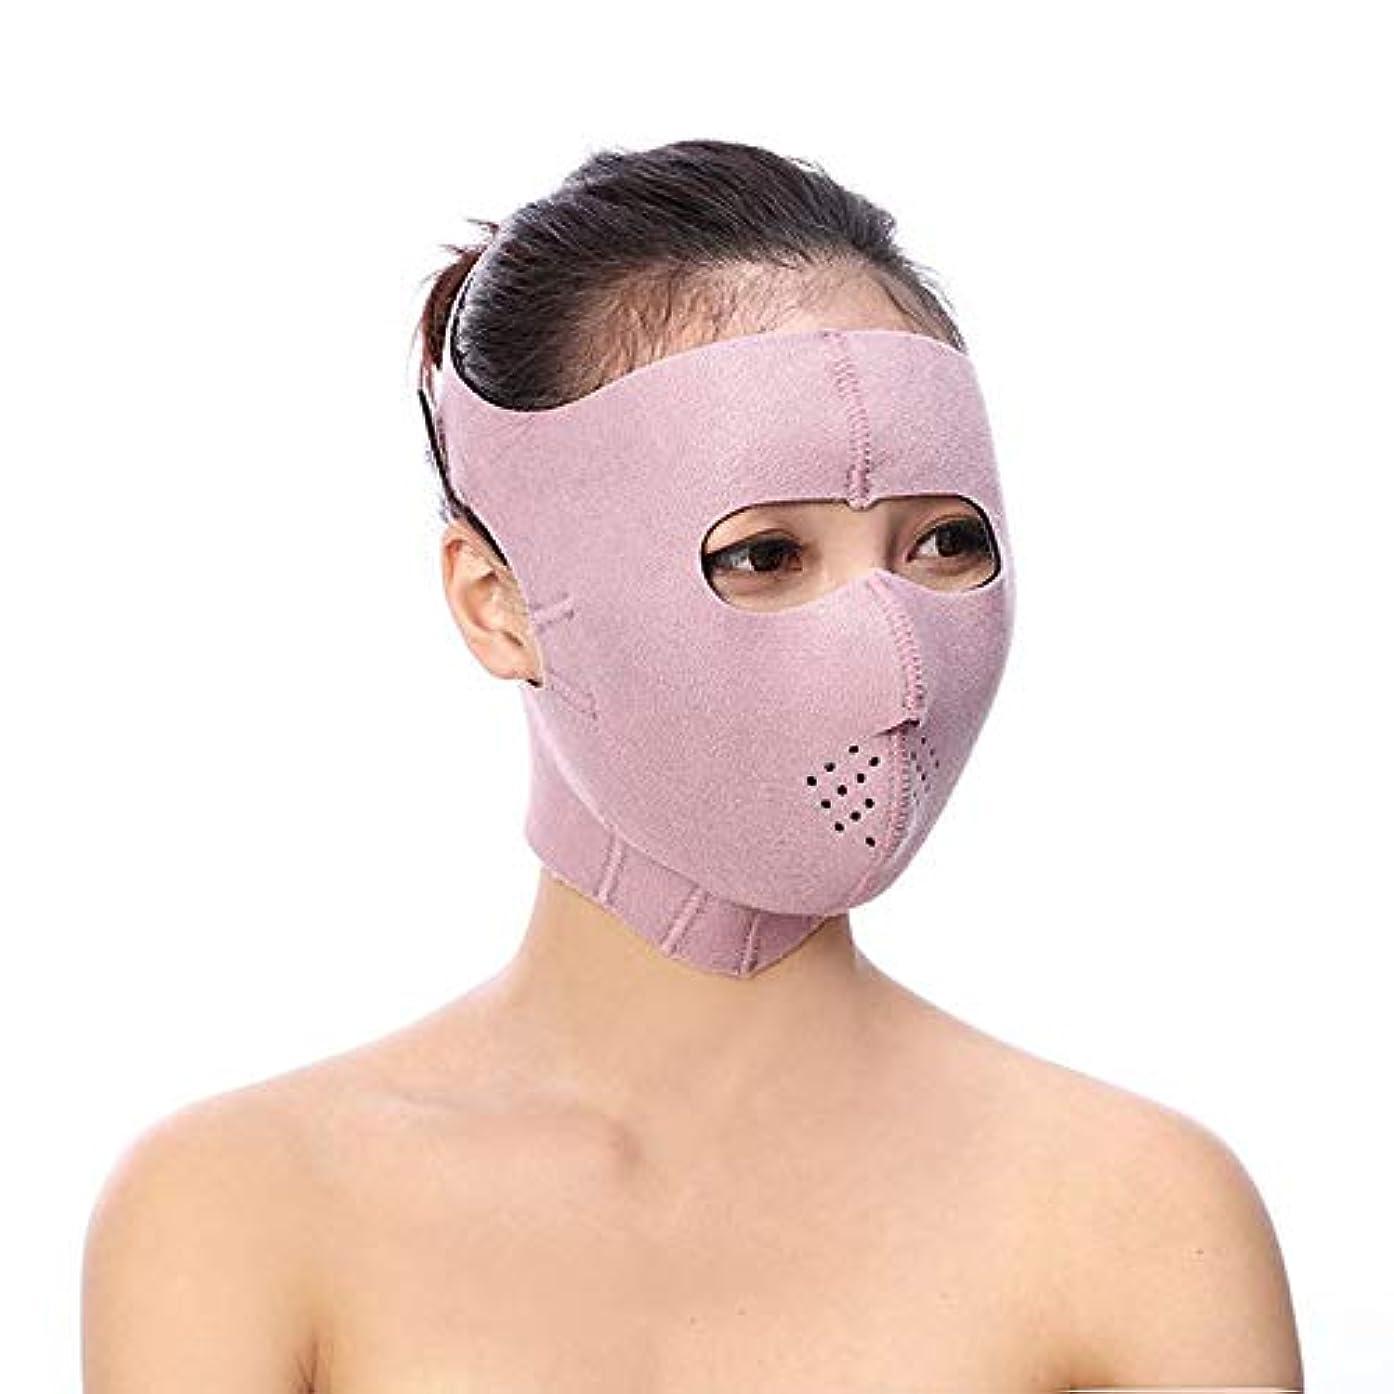 用心まっすぐ不愉快Minmin フェイシャルリフティング痩身ベルト - Vフェイス包帯マスクフェイシャルマッサージャー無料の薄いフェイス包帯整形マスクを引き締める顔と首の顔スリム みんみんVラインフェイスマスク